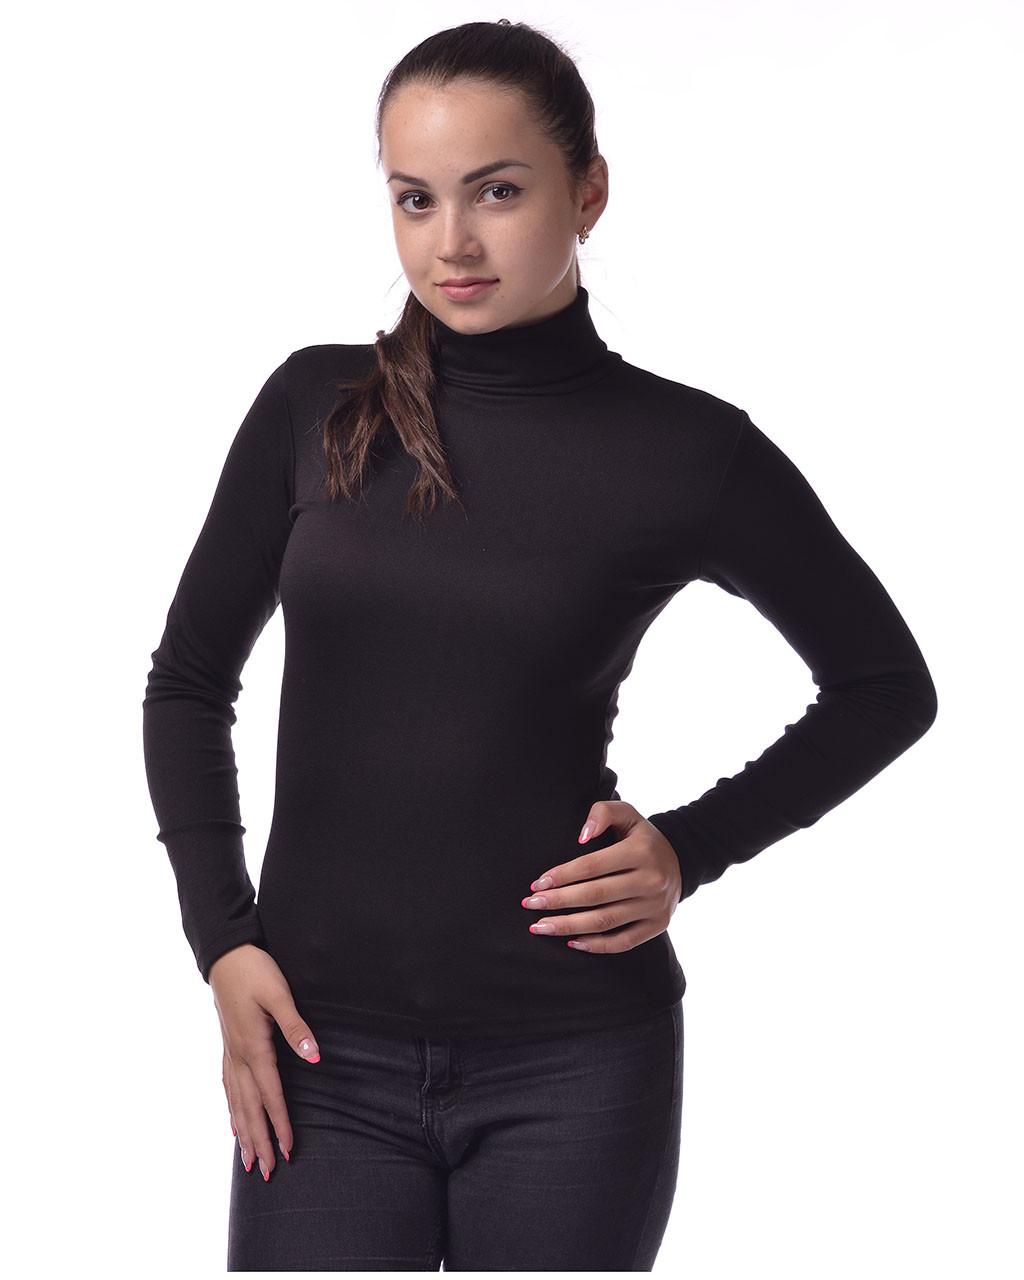 Водолазка женская гольф из полушерсти ХЛ(52-56), черный